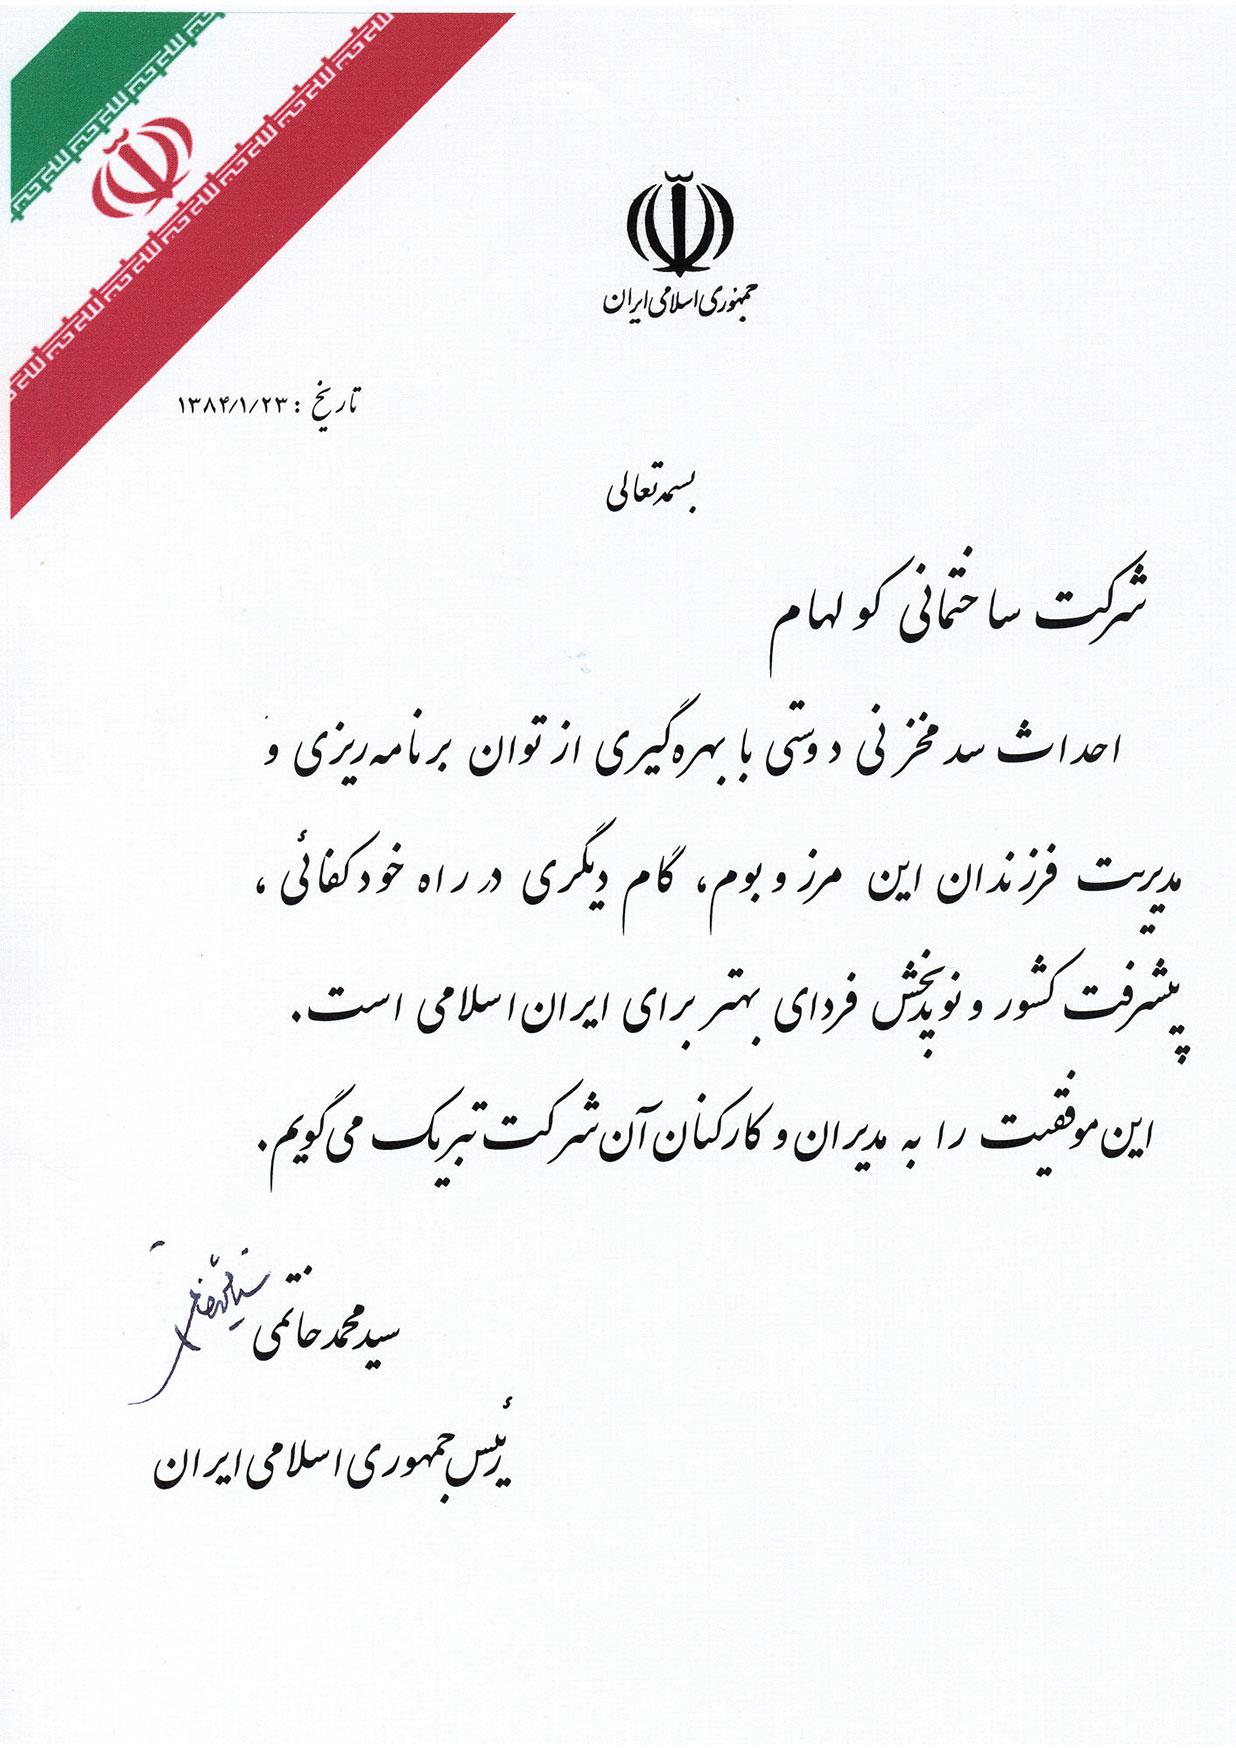 تقدیر نامه دریافتی سد دوستی از طرف ریاست محترم جمهوری